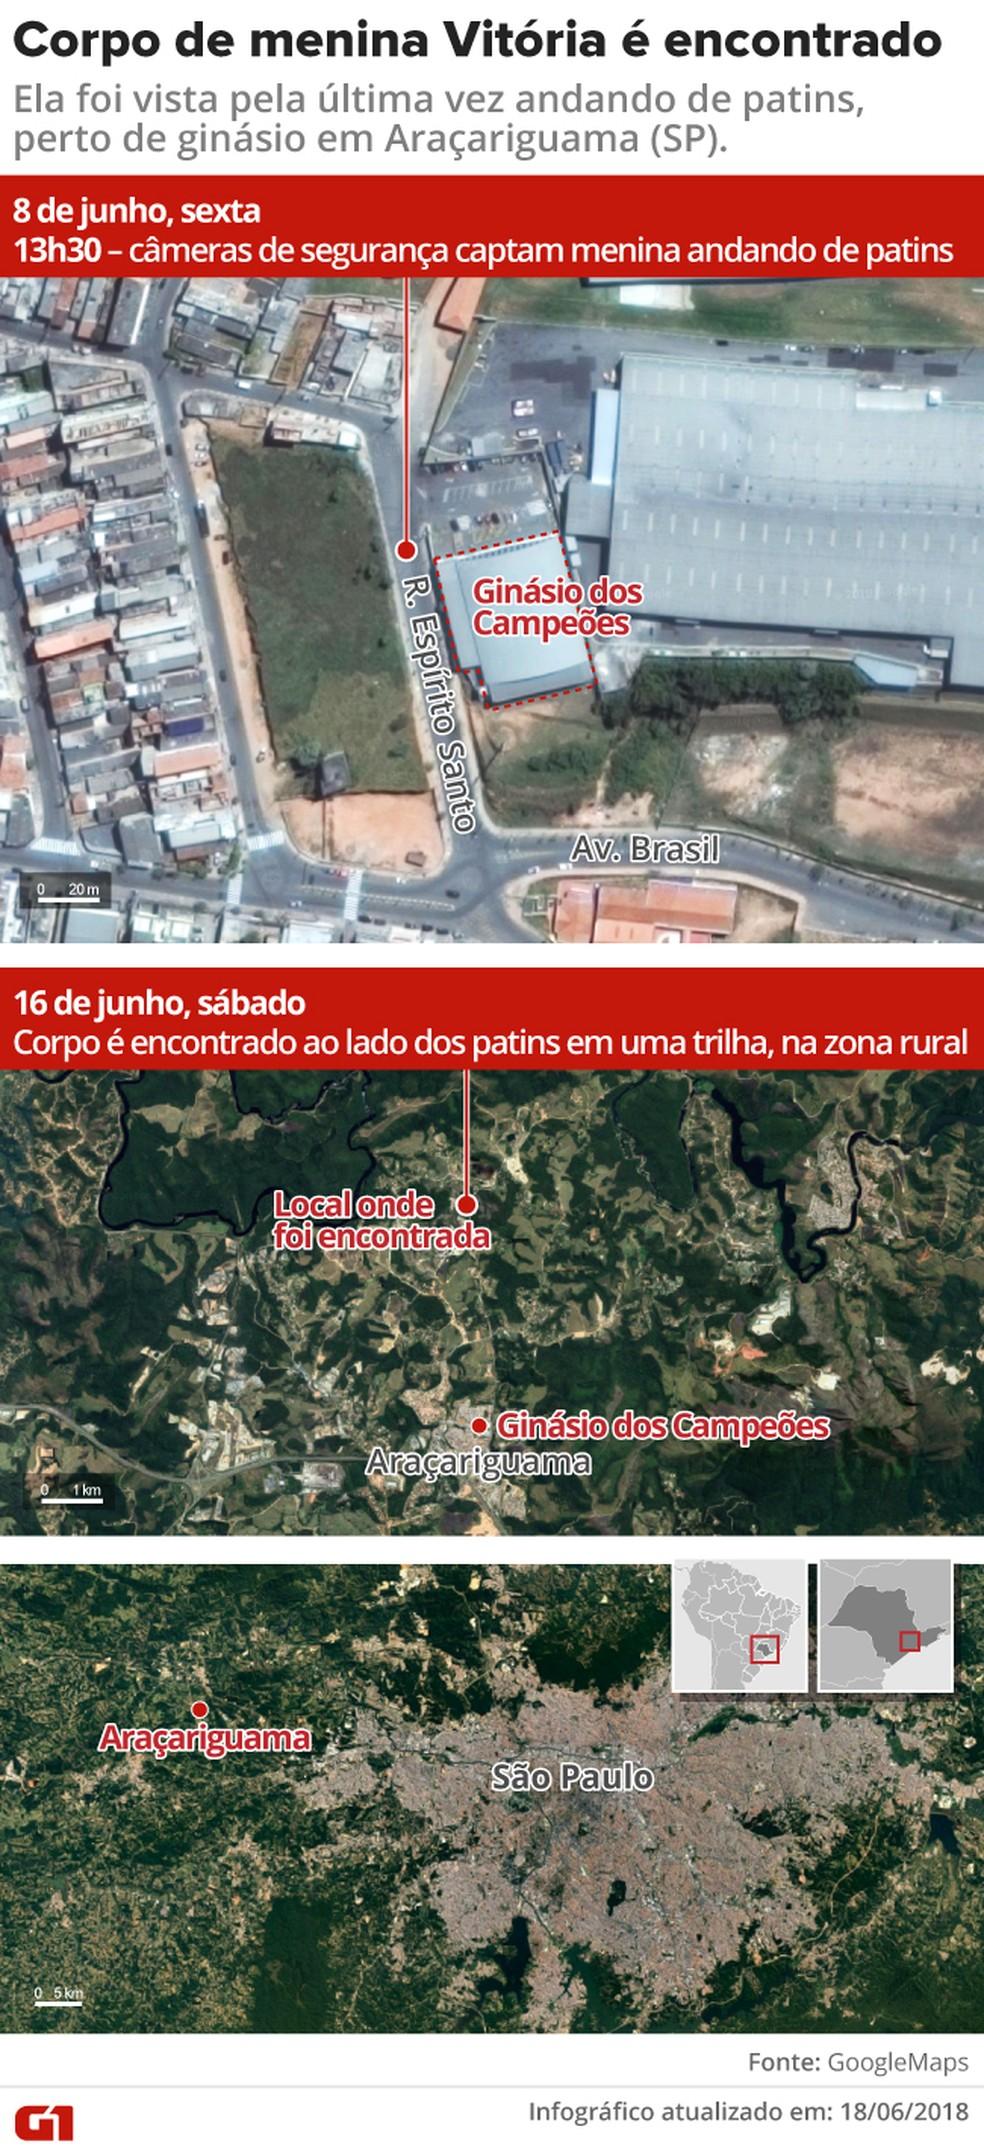 Corpo da Vitória Gabrielly foi encontrado em mata, em Araçariguama, ao lado dos patins (Foto: Rodrigo Cunha/G1)